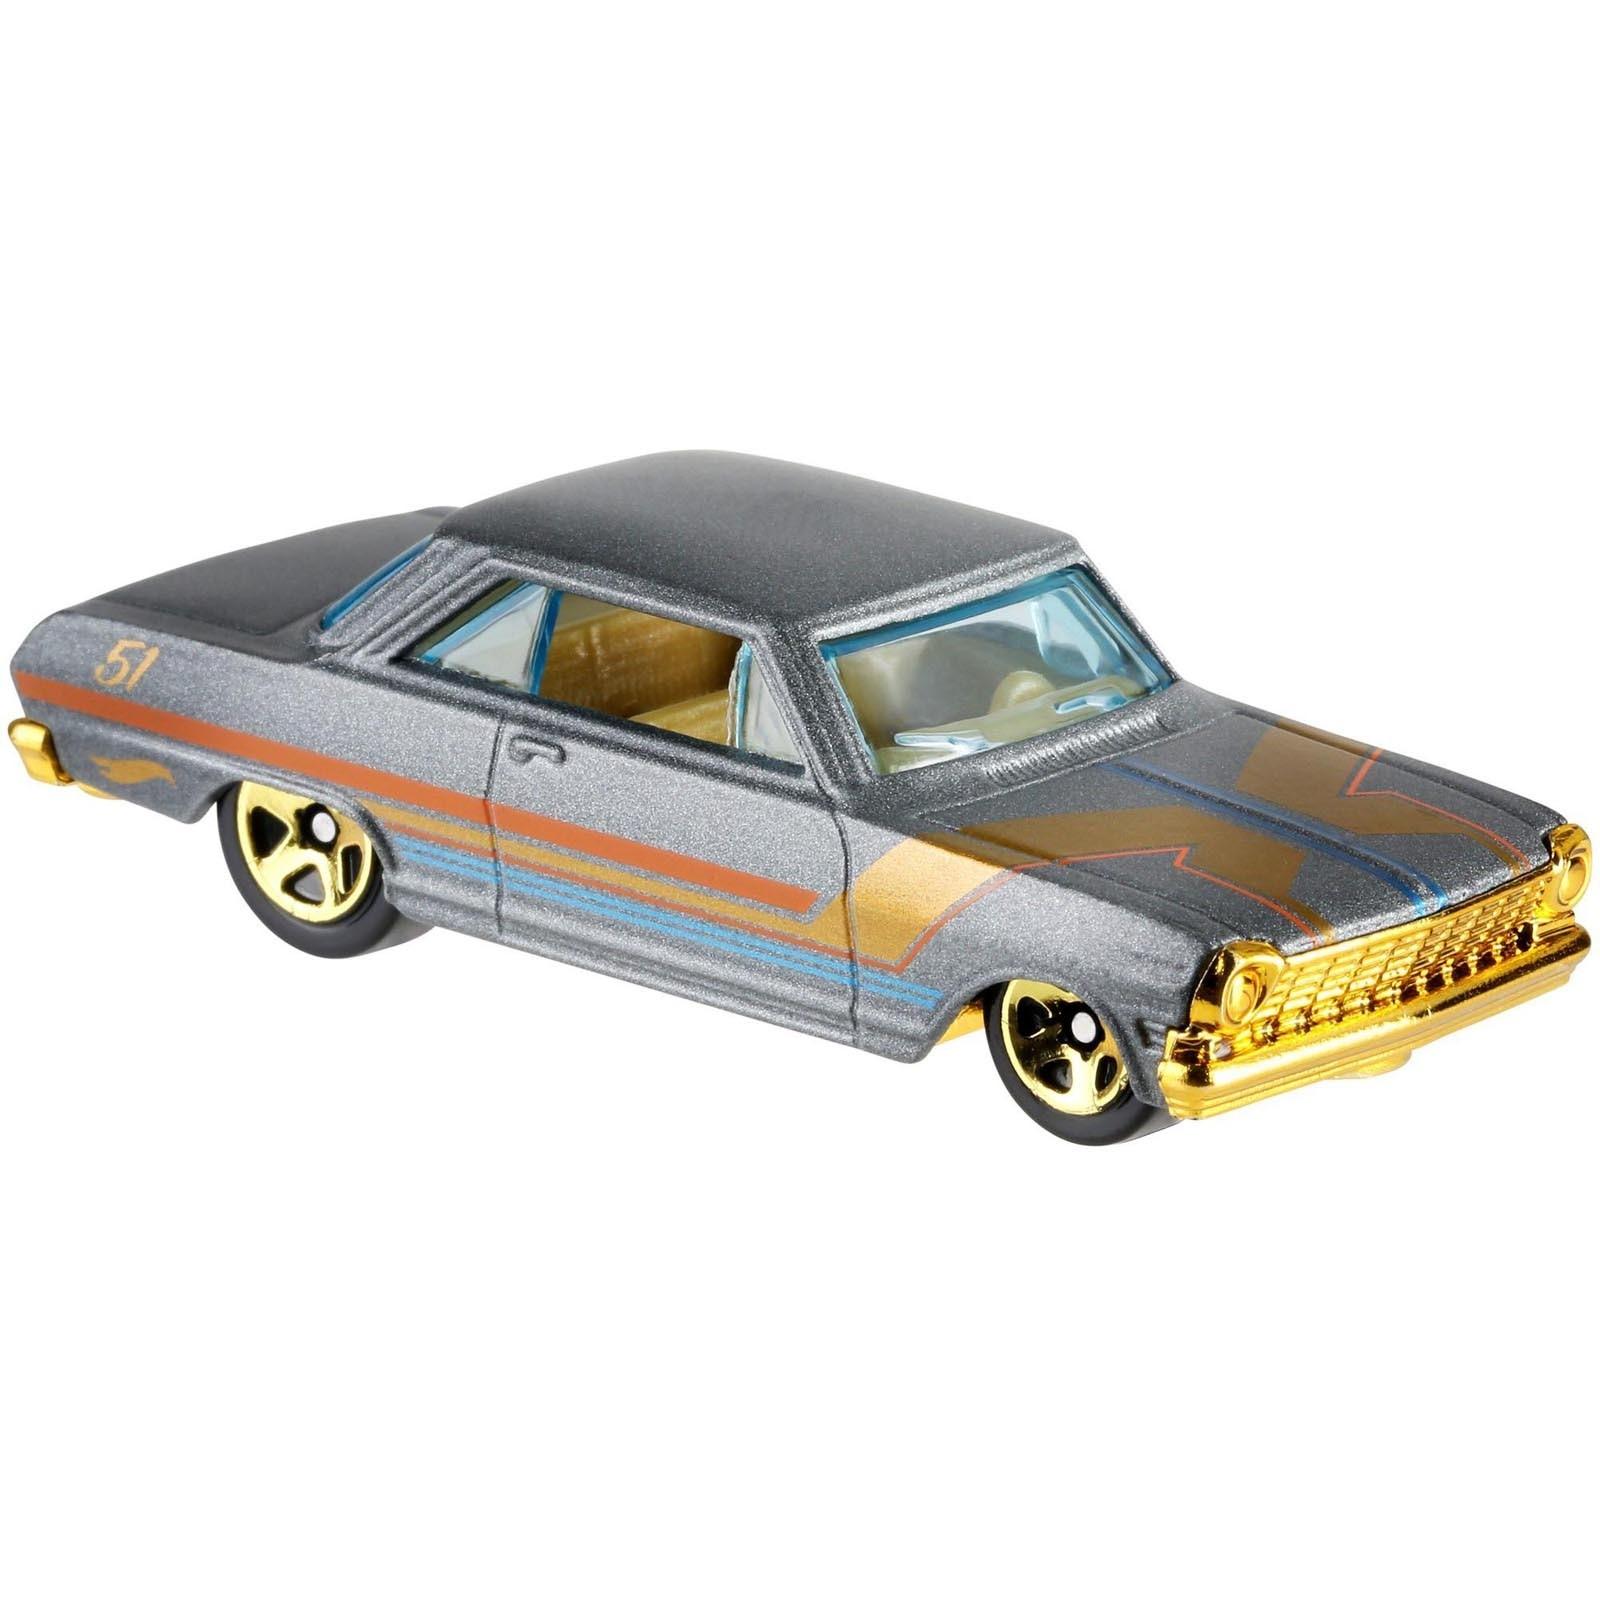 Hot Wheels - Set de 6 Miniaturas - Aniversário 51 Anos Satin & Chrome - GHH73